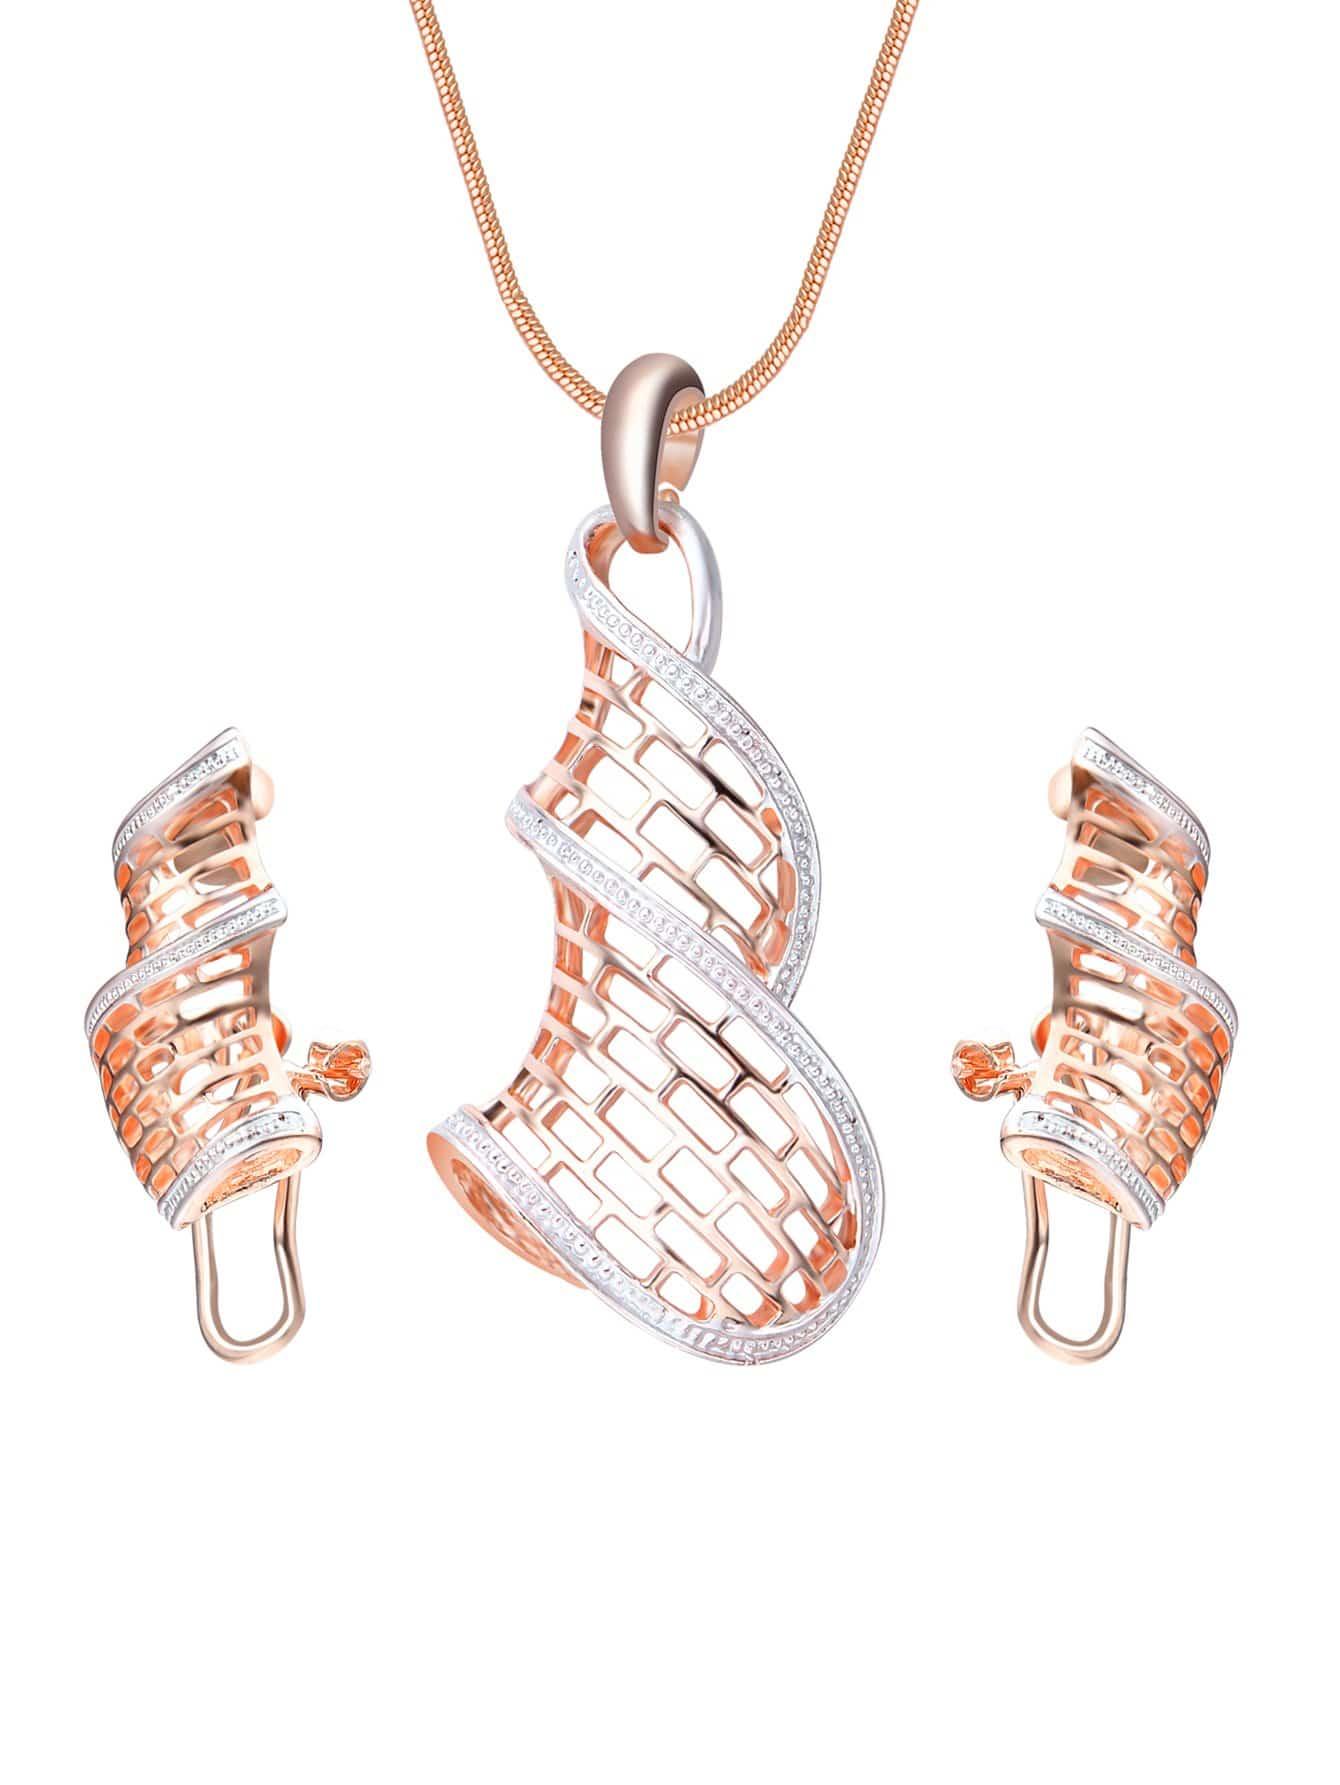 Spiral Anhänger Halskette & Ohrringe Set